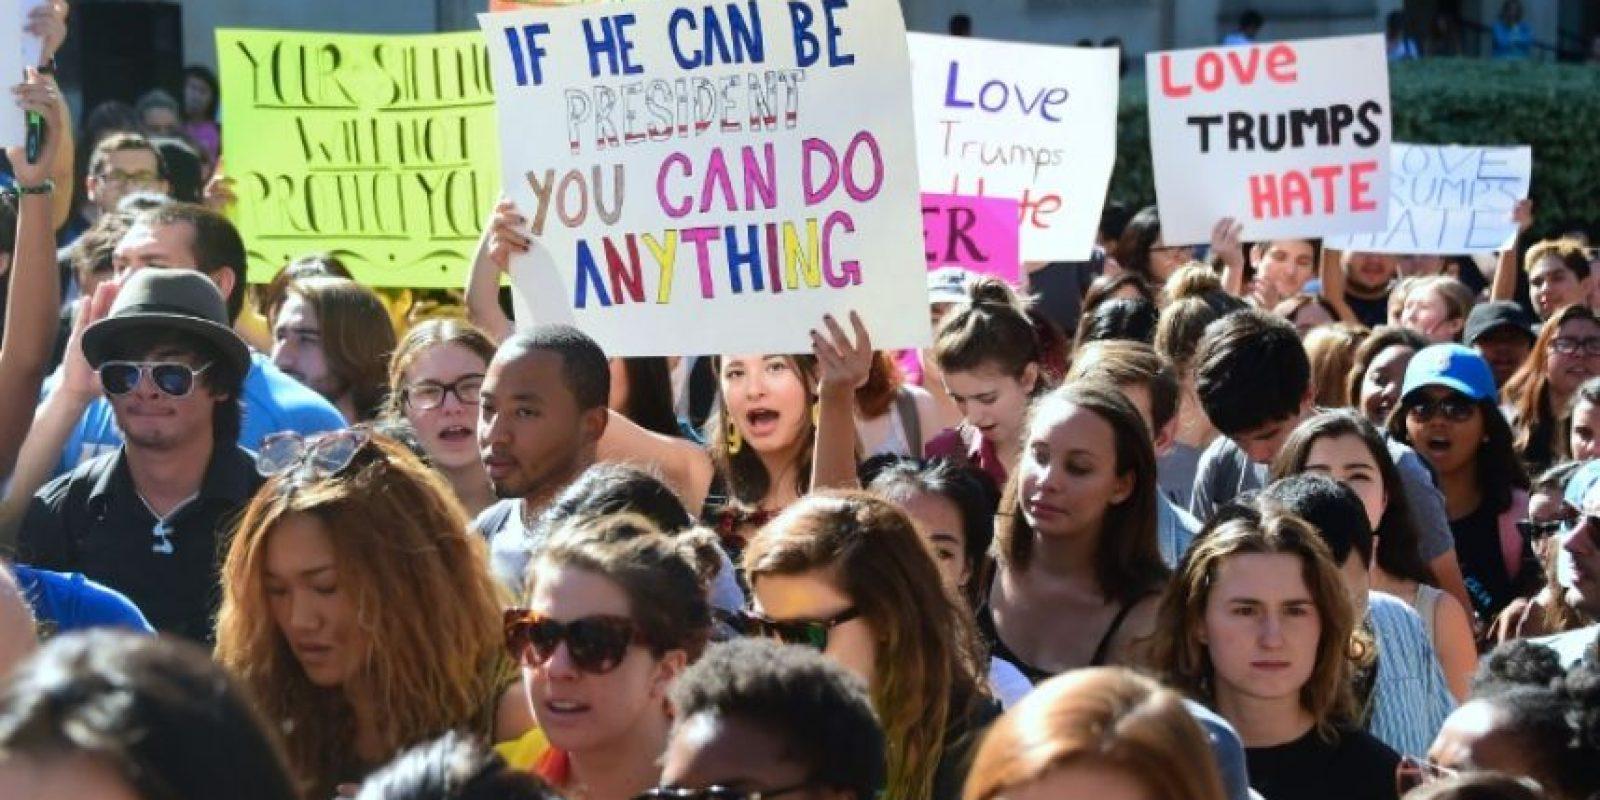 Estudiantes de la Universidad de California marchan en protesta por la elección de Donald Trump como presidente electo de EEUU, el 10 de noviembre de 2016 en Los Ángeles Foto:afp.com